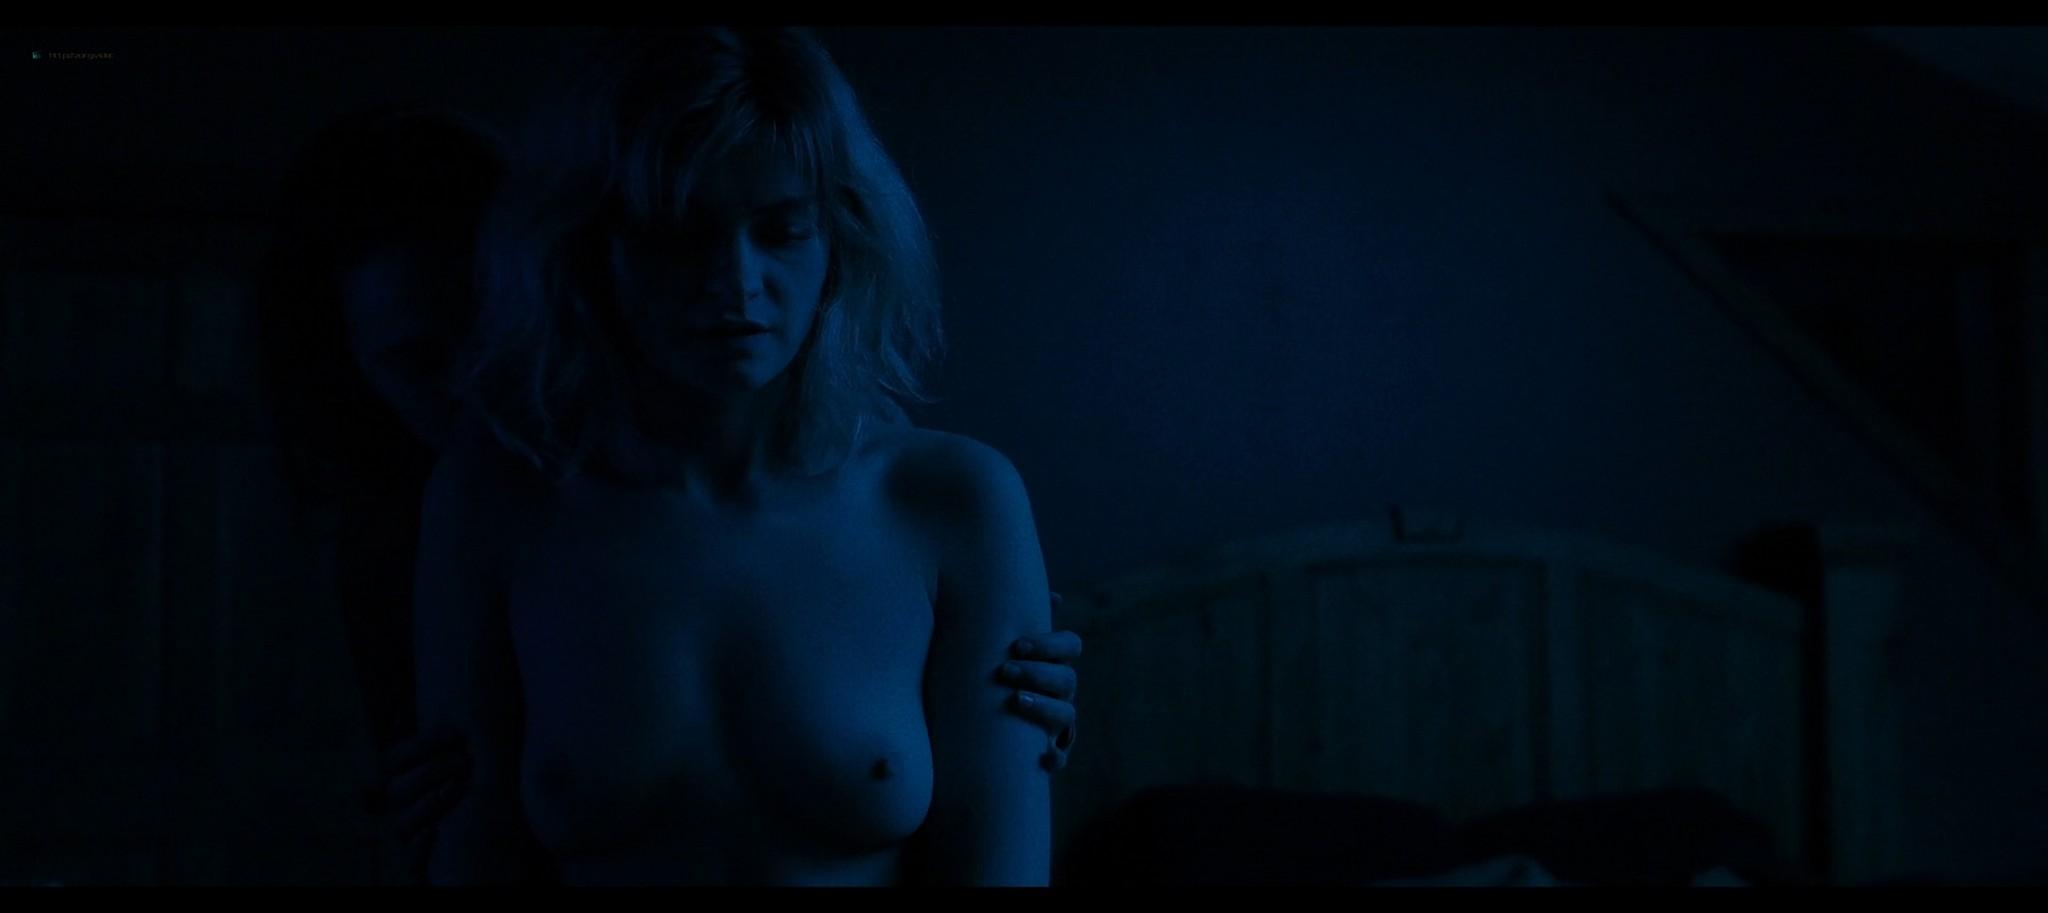 Anna Shields nude topless Rachel Finninger hot lesbian sex - Monstrous (2020) HD 1080p Web (5)